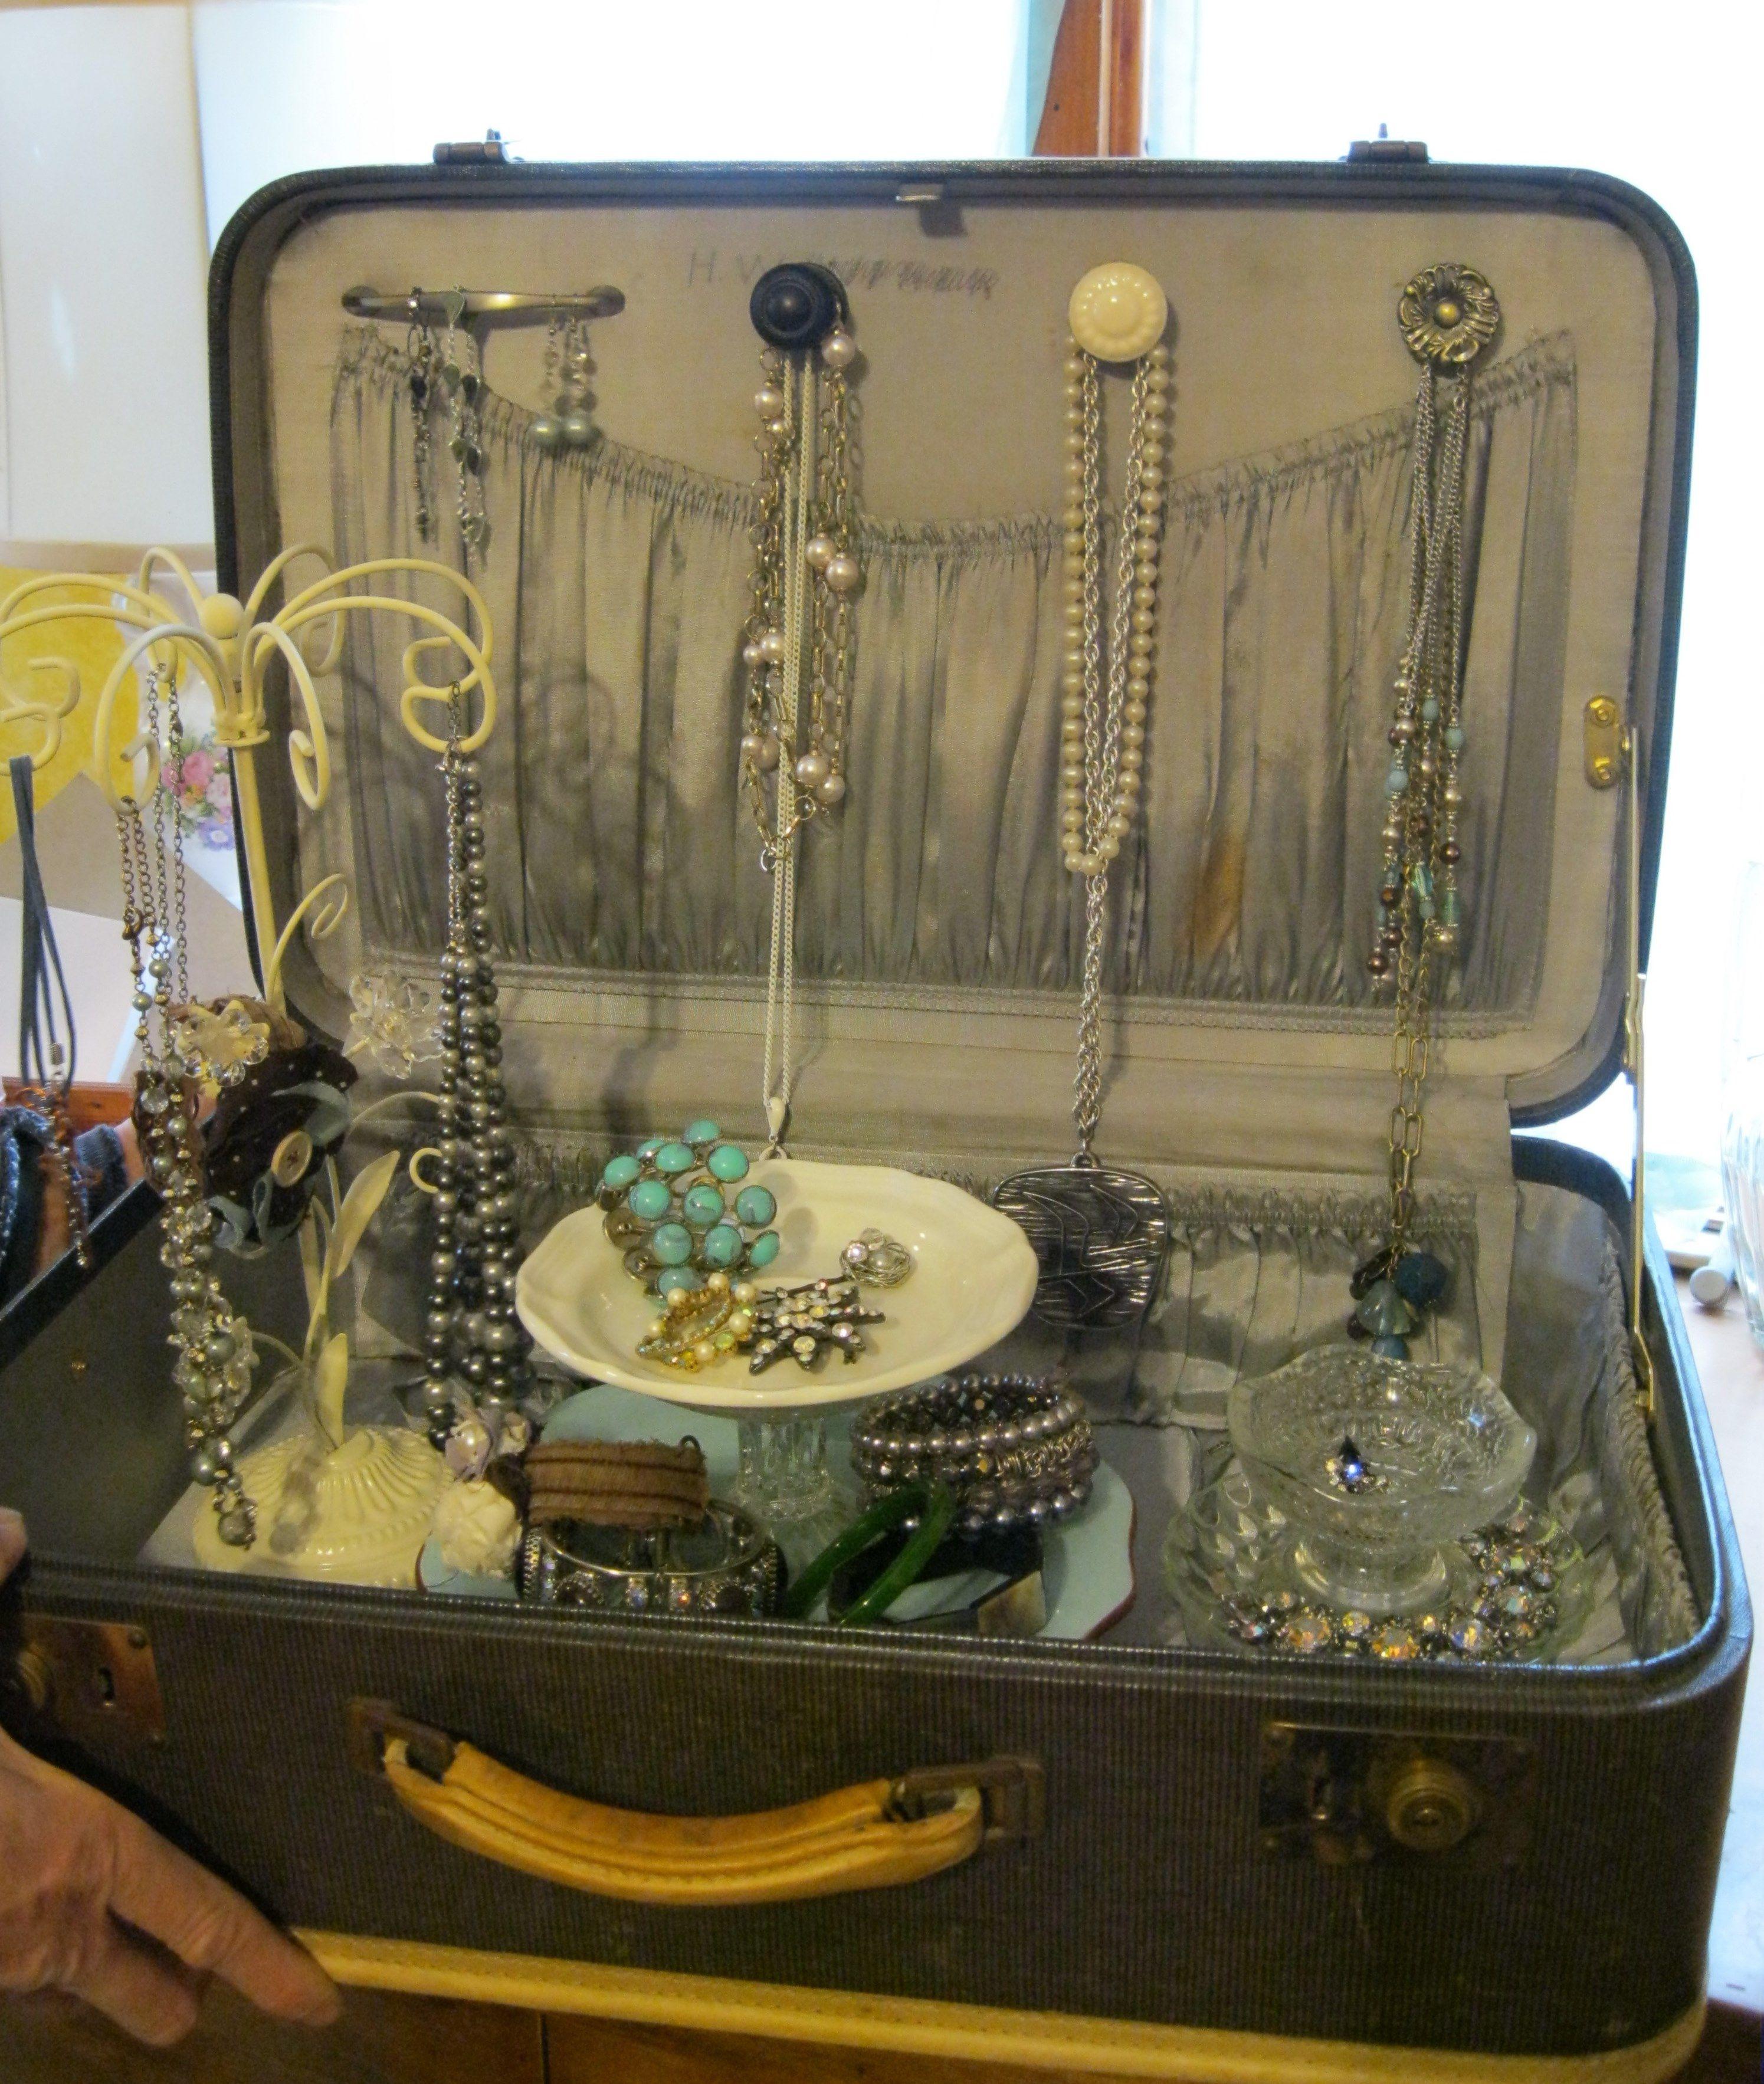 r utiliser une vieille valise pour exposer votre art recyclage pinterest vieilles valises. Black Bedroom Furniture Sets. Home Design Ideas